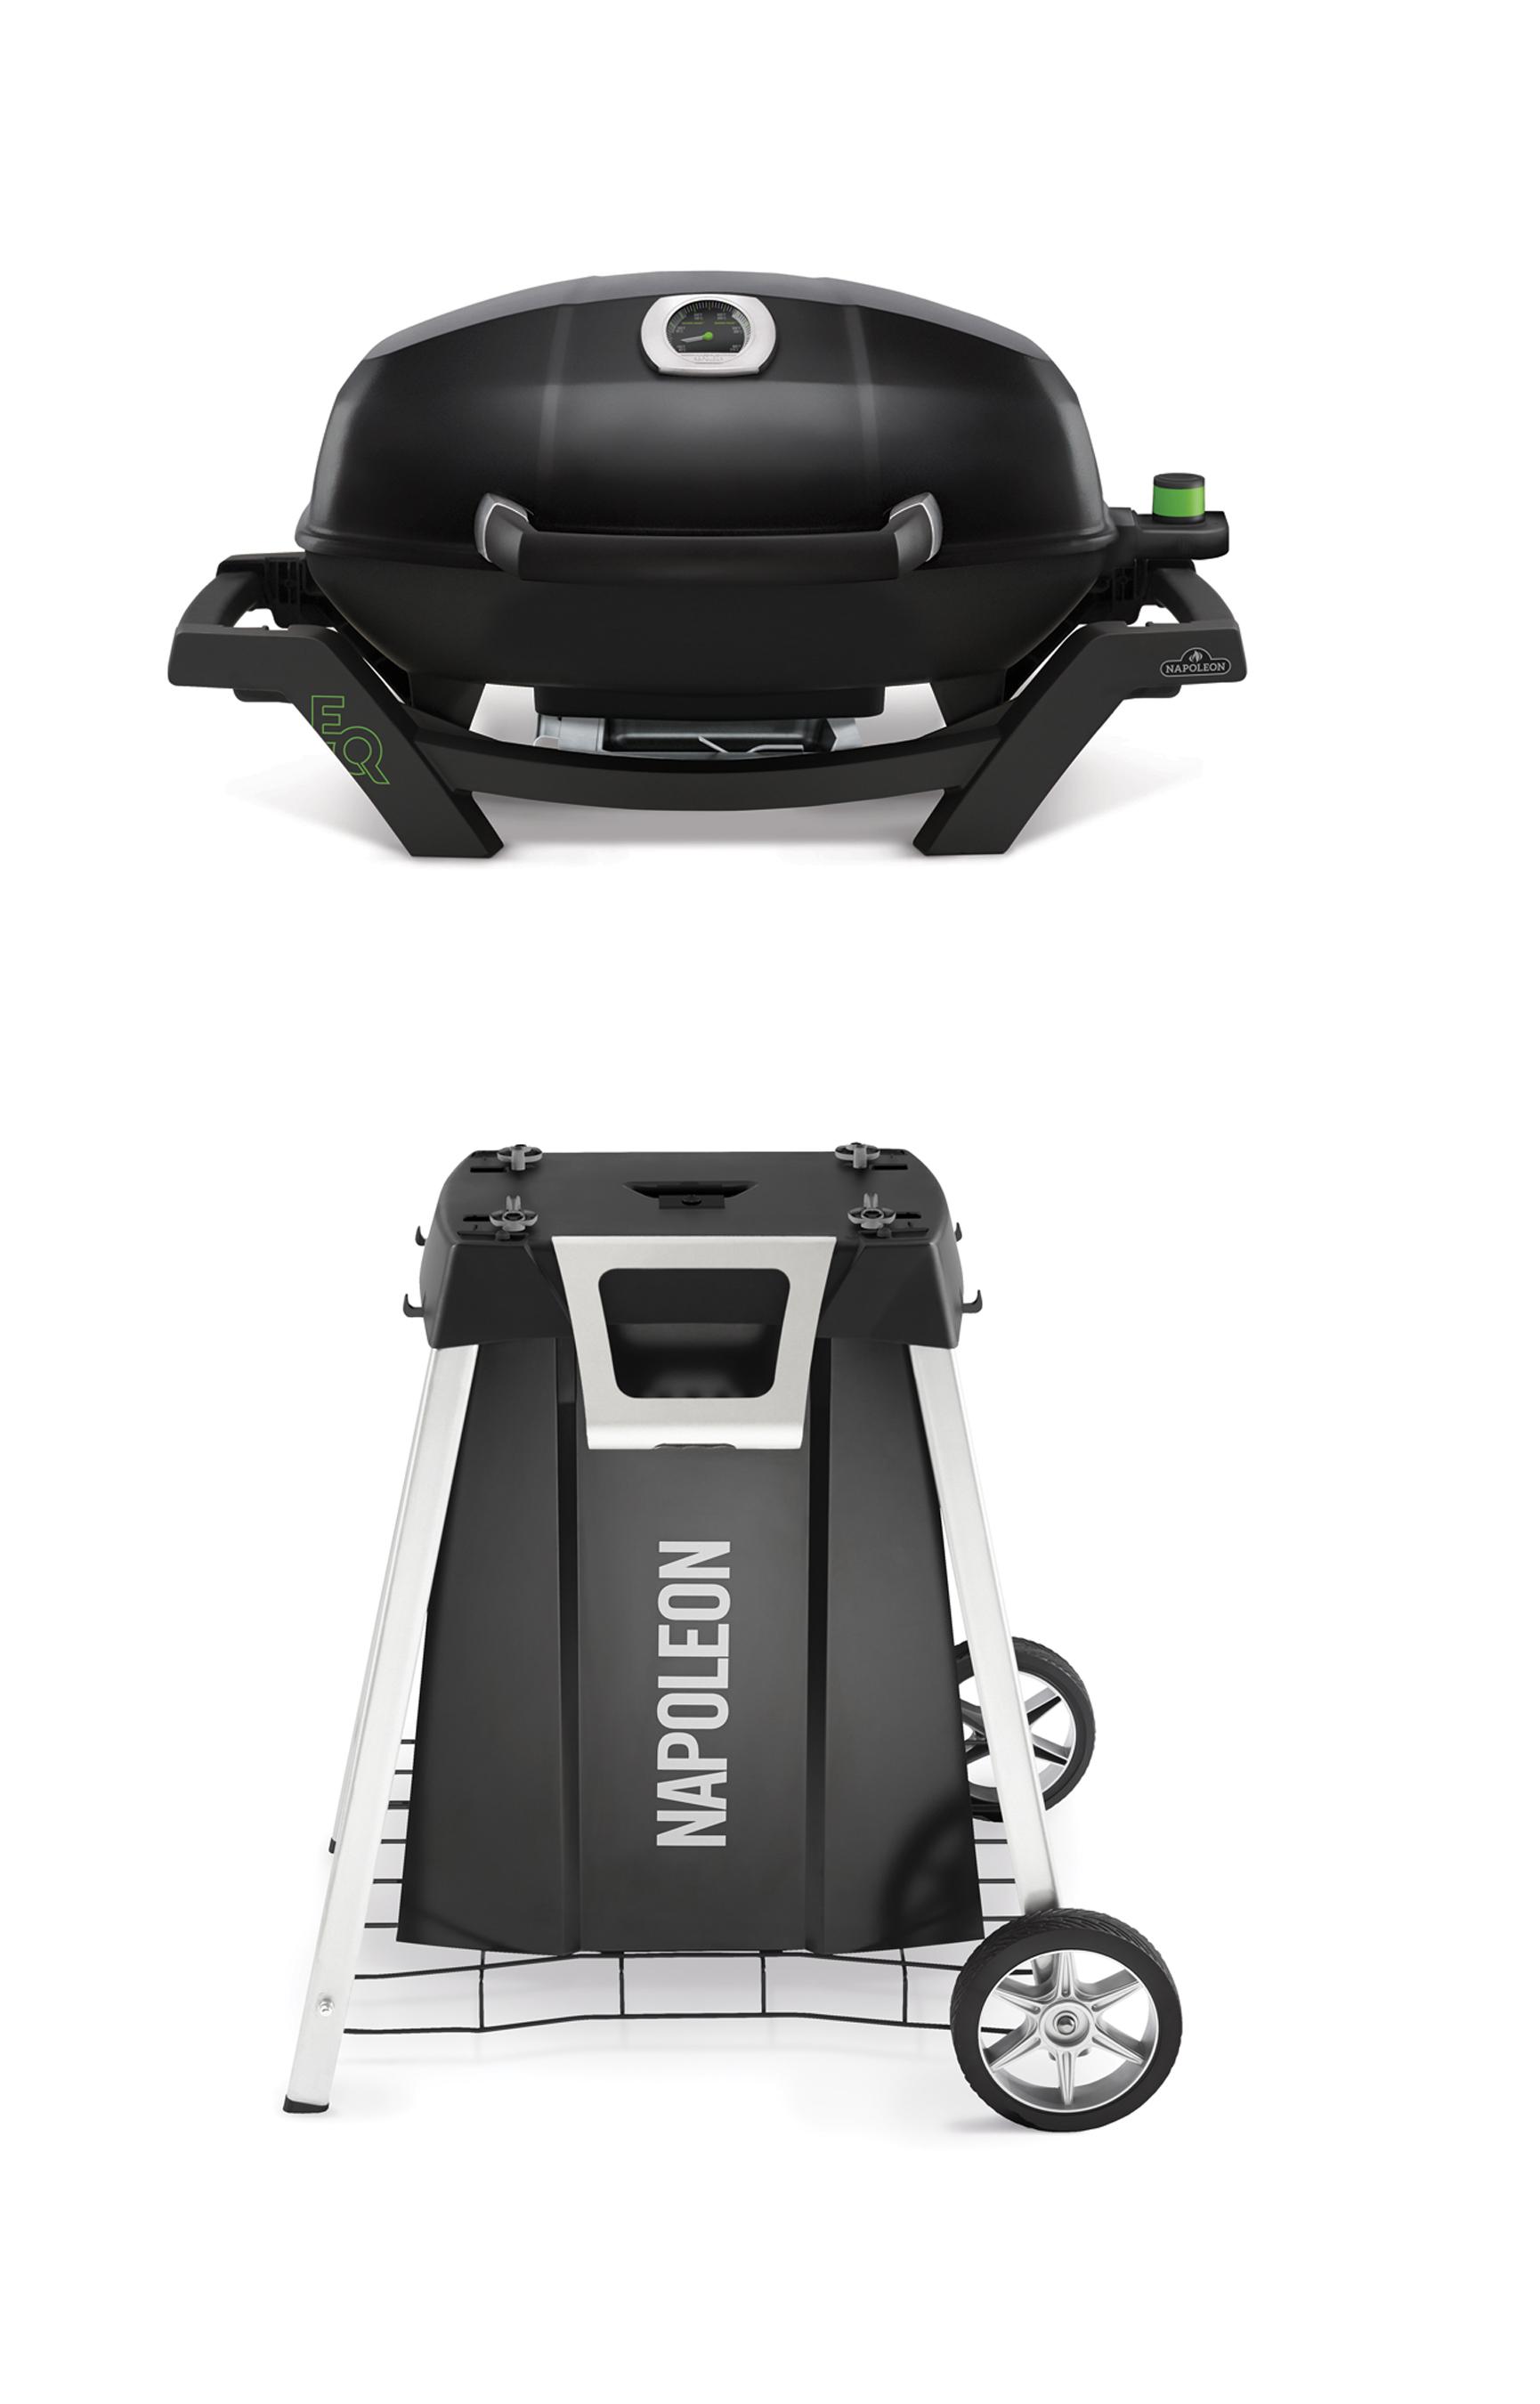 Napoleon Elektrogrill / Standgrill PRO285E-PAKET mit TRAVELQ Wagen Bild 1